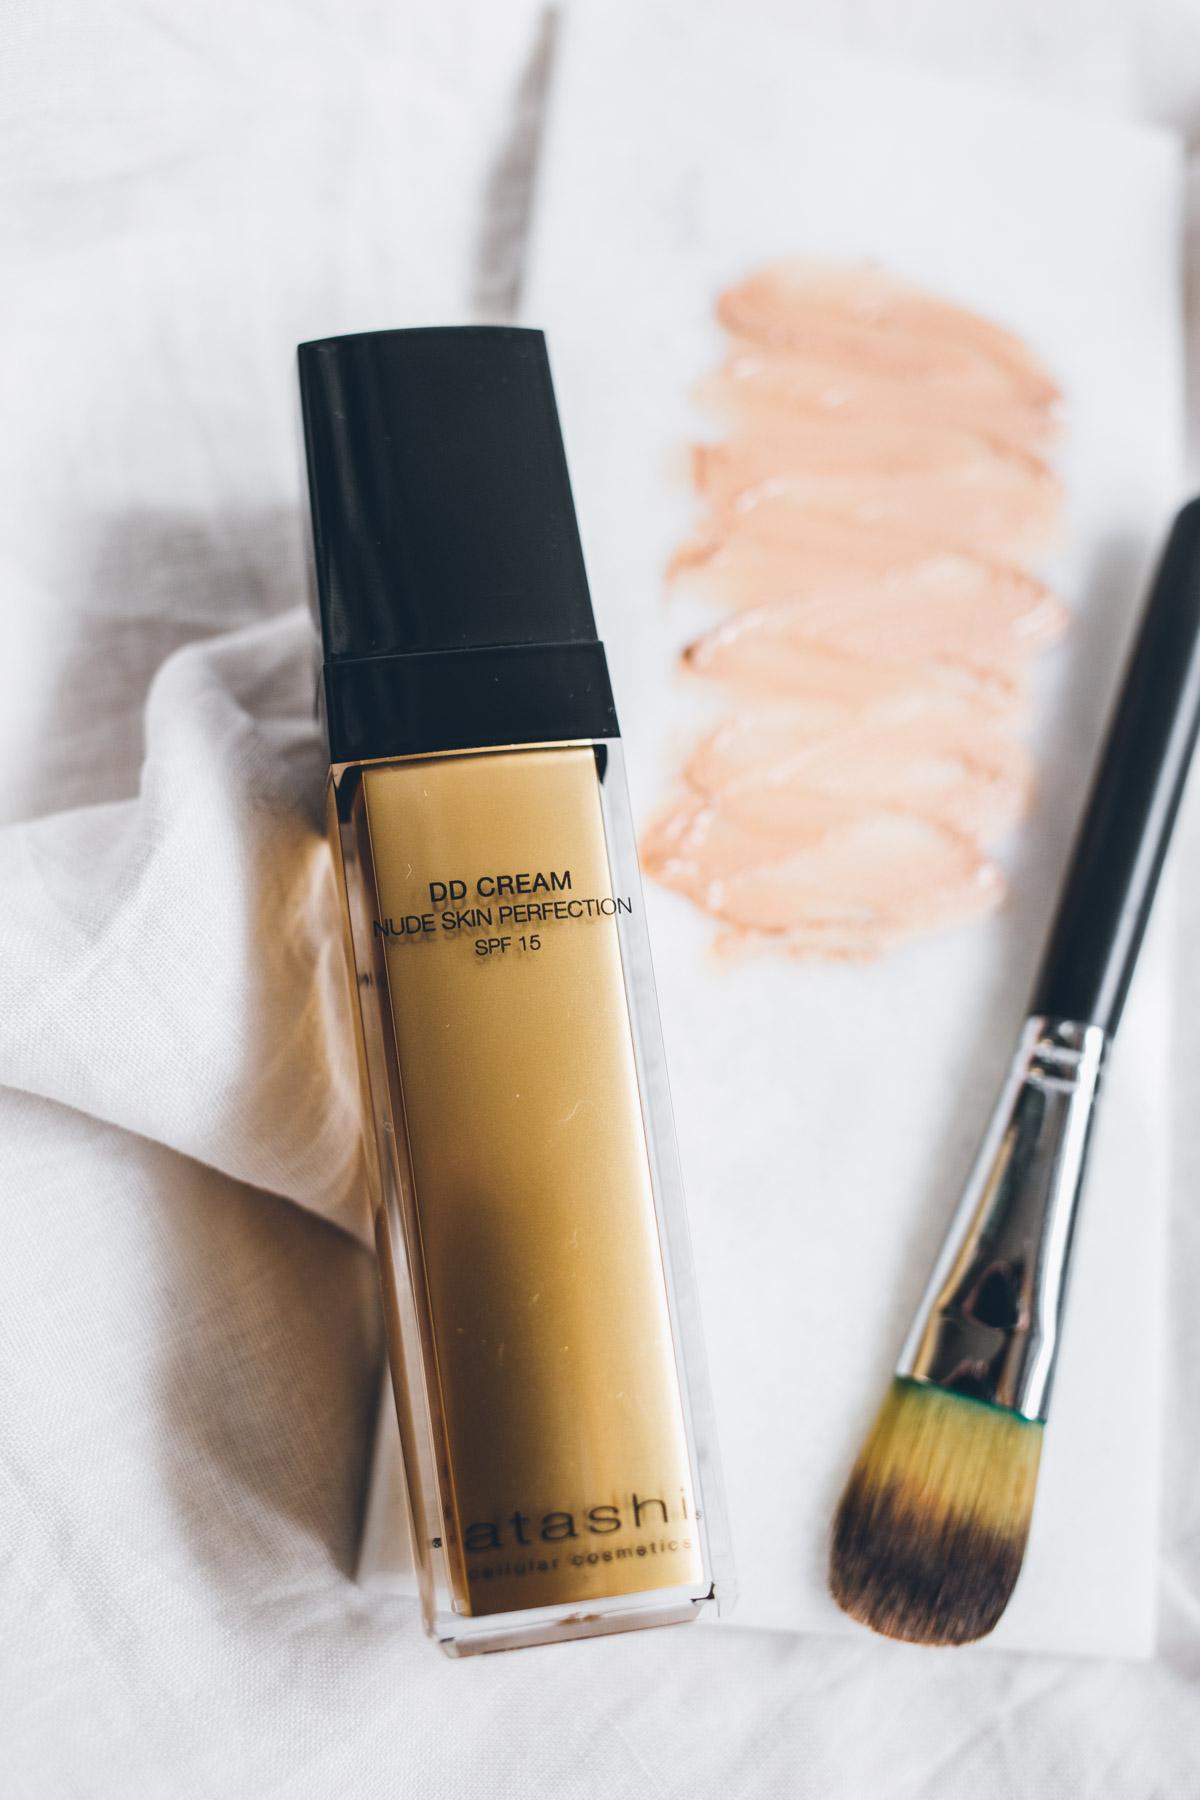 DD Cream Nude Skin Perfection SPF 15